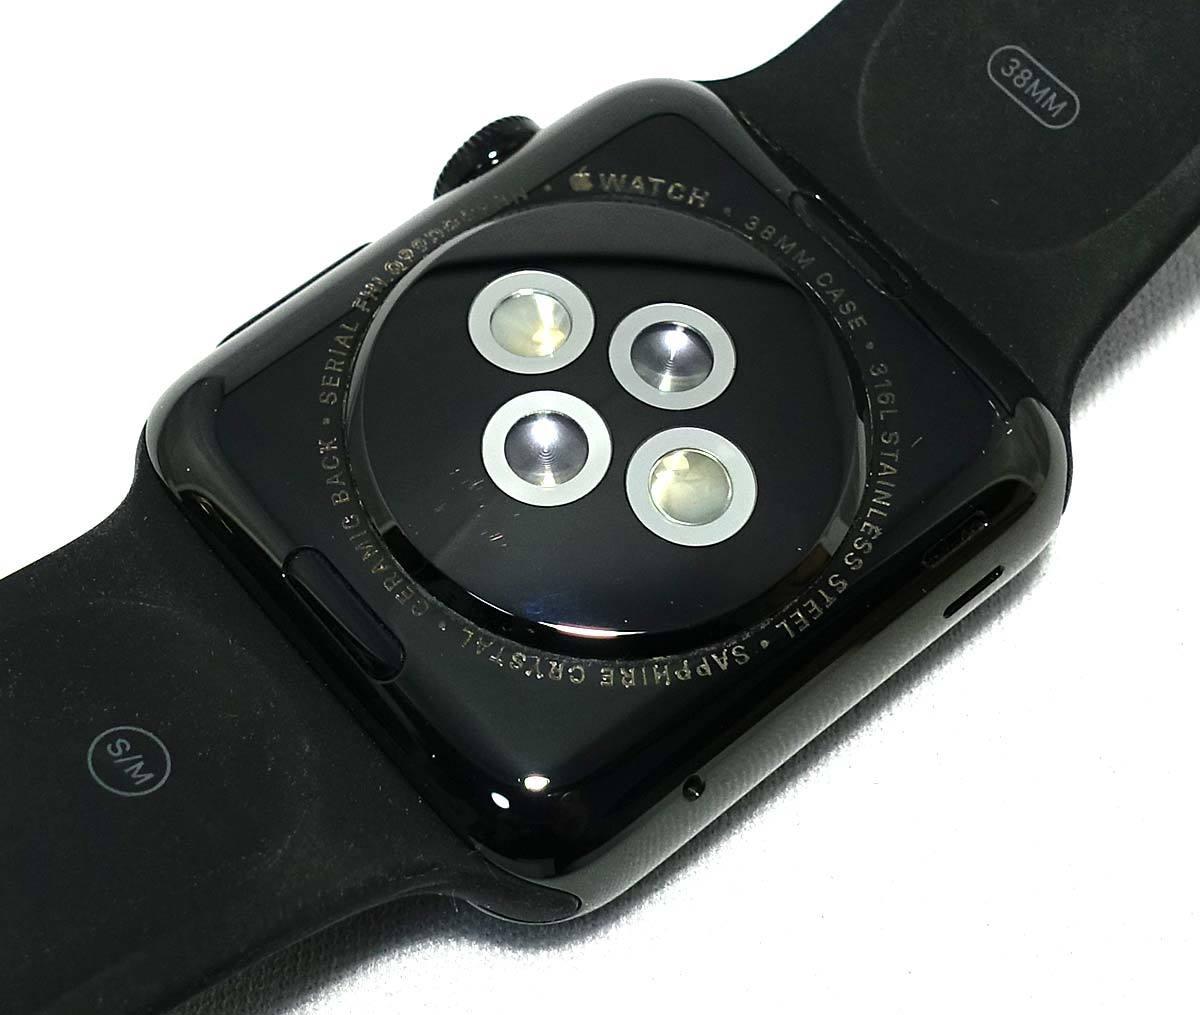 箱付 付属品有 Apple Watch 38mm MLCK2J/A A1553 ブラック ステンレススチール ブラック スポーツバンド アップル ウォッチ_画像3